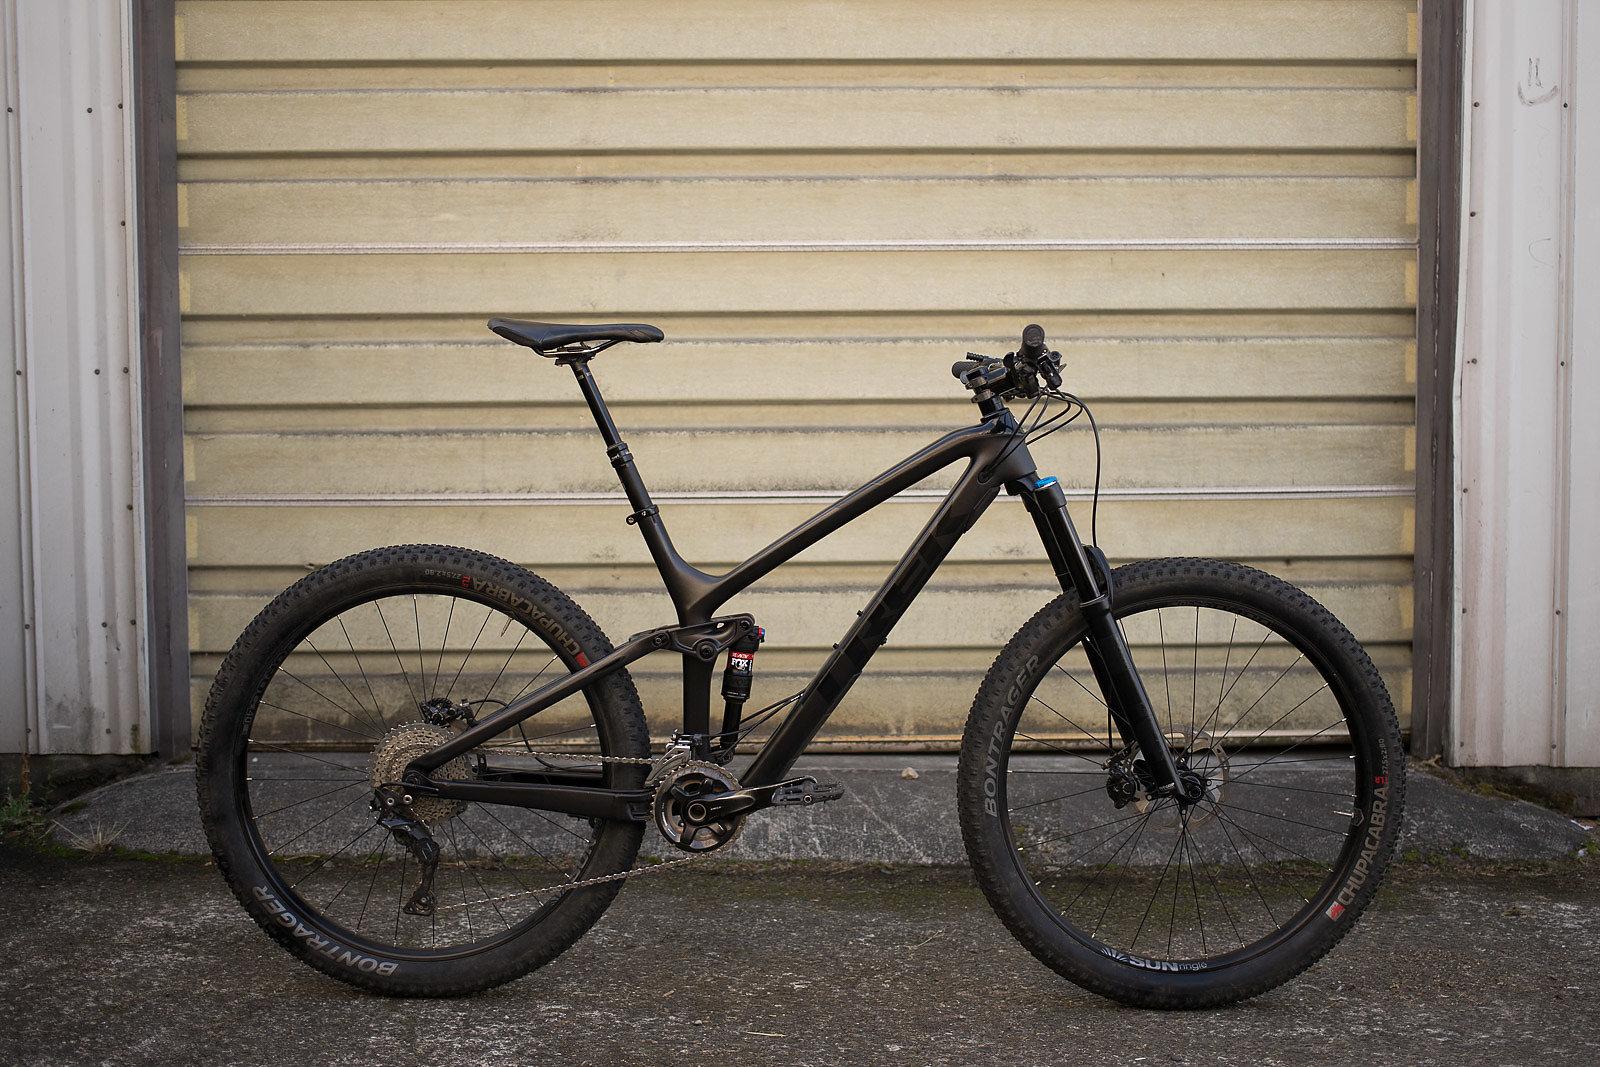 51d90fac025 2017 Trek Fuel EX 9.8 Bike Review | Freehub Magazine